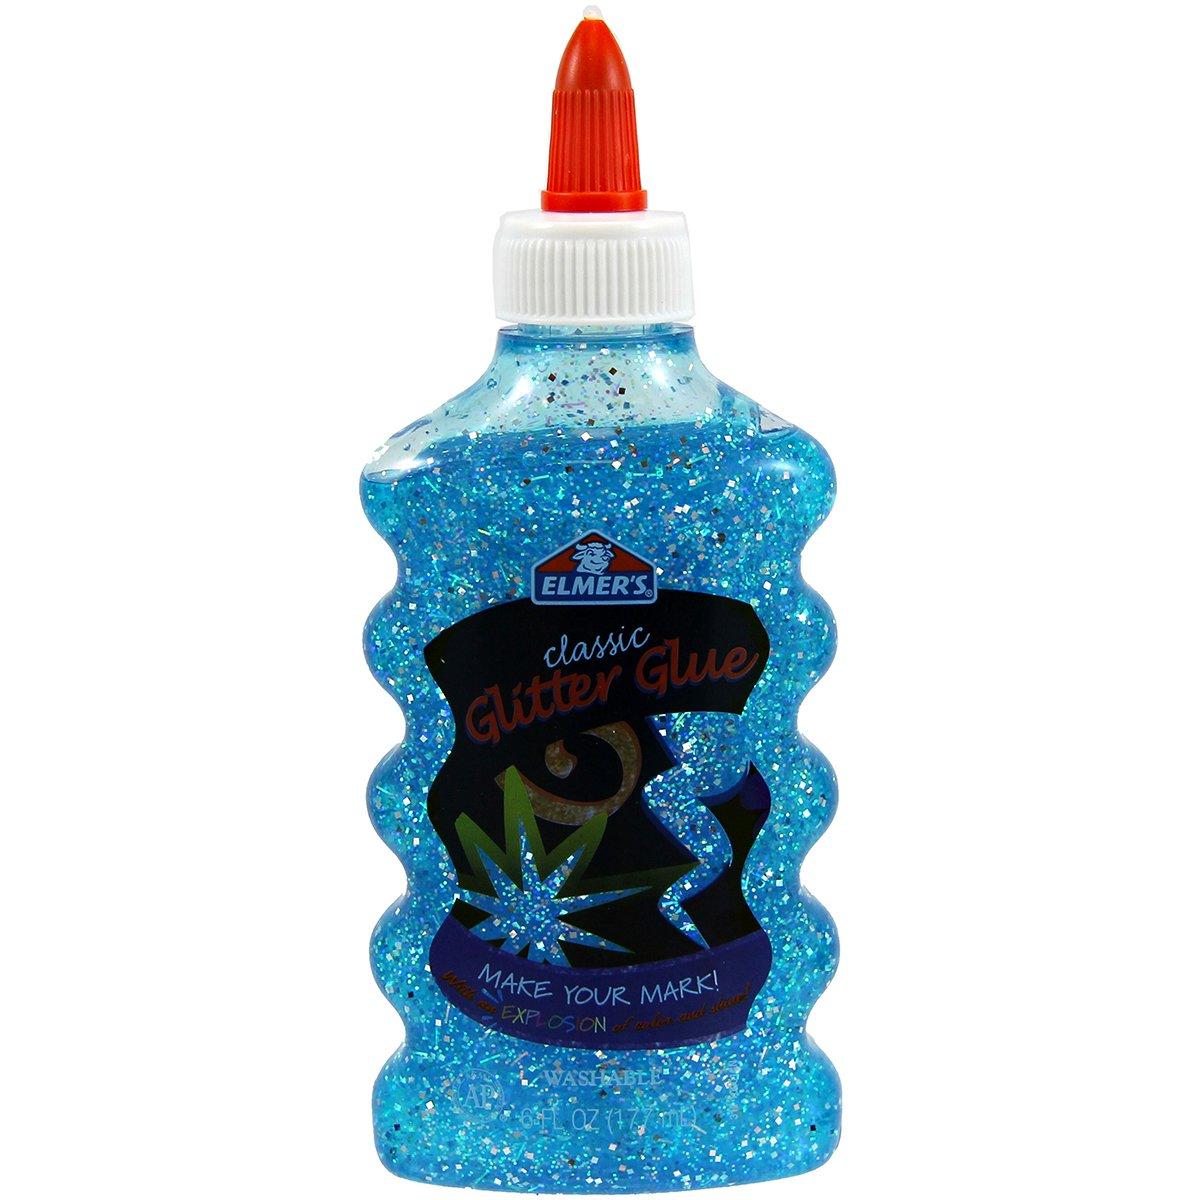 Elmers/X-Acto Glitter Glue, Multi-Colour, 7.62 x 2.54 x 17.78 cm E323